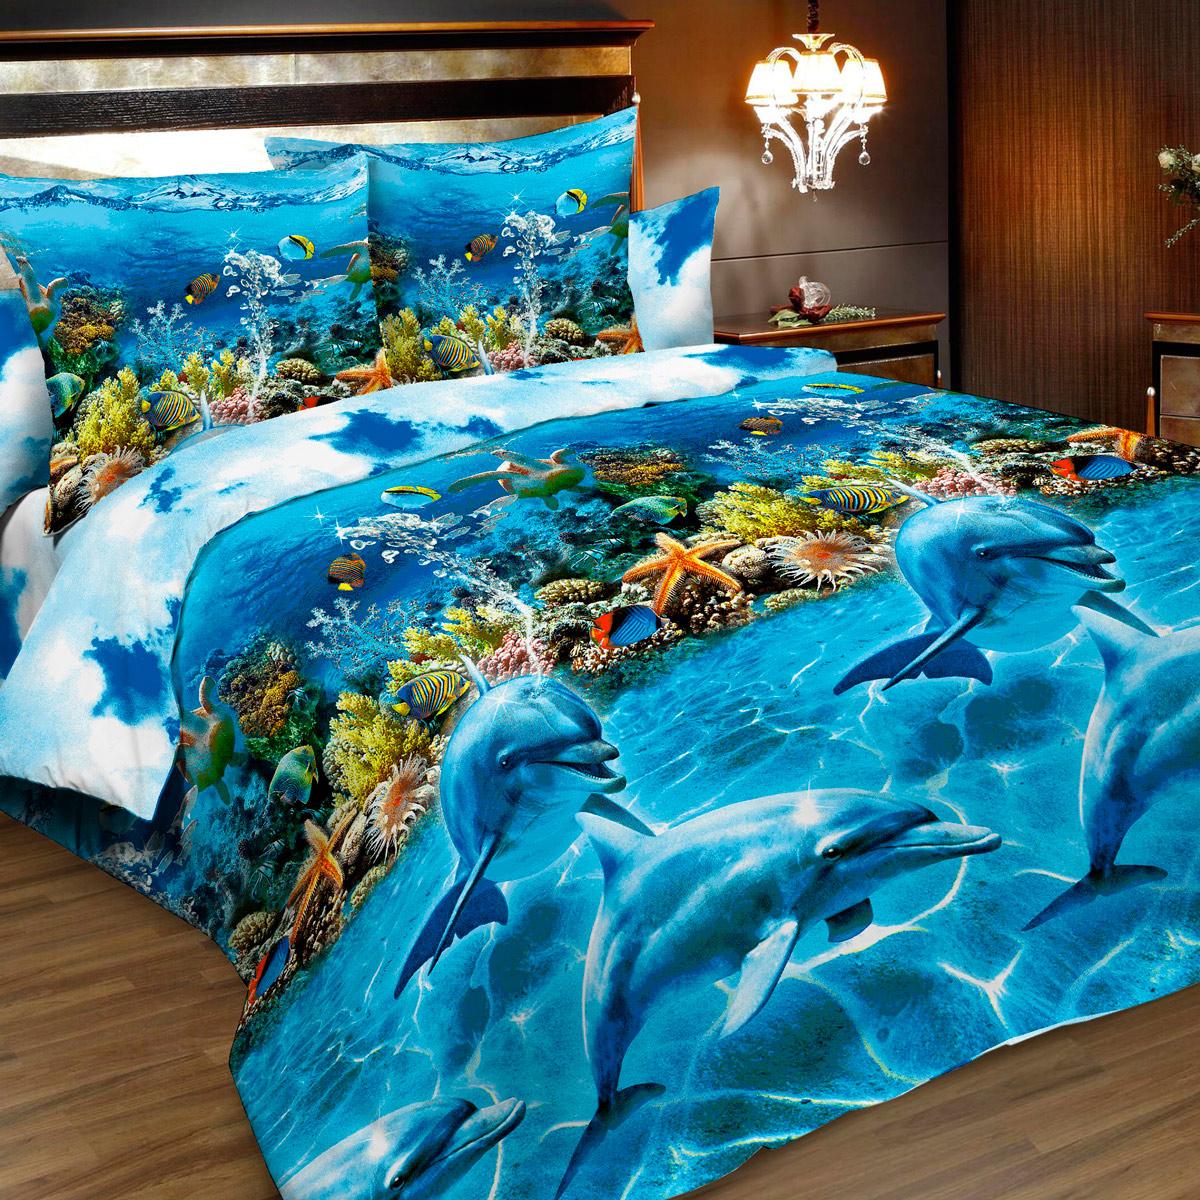 Комплект белья Letto, 1,5-спальный, наволочки 70х70. B183-3701971Комплект постельного белья Letto выполнен из классической российской бязи (хлопка). Комплект состоит из пододеяльника, простыни и двух наволочек.Постельное белье, оформленное 3D изображением морских обитателей, имеет изысканный внешний вид. Пододеяльник снабжен молнией.Благодаря такому комплекту постельного белья вы сможете создать атмосферу роскоши и романтики в вашей спальне. Уважаемые клиенты! Обращаем ваше внимание на тот факт, что расцветка наволочек может отличаться от представленной на фото.